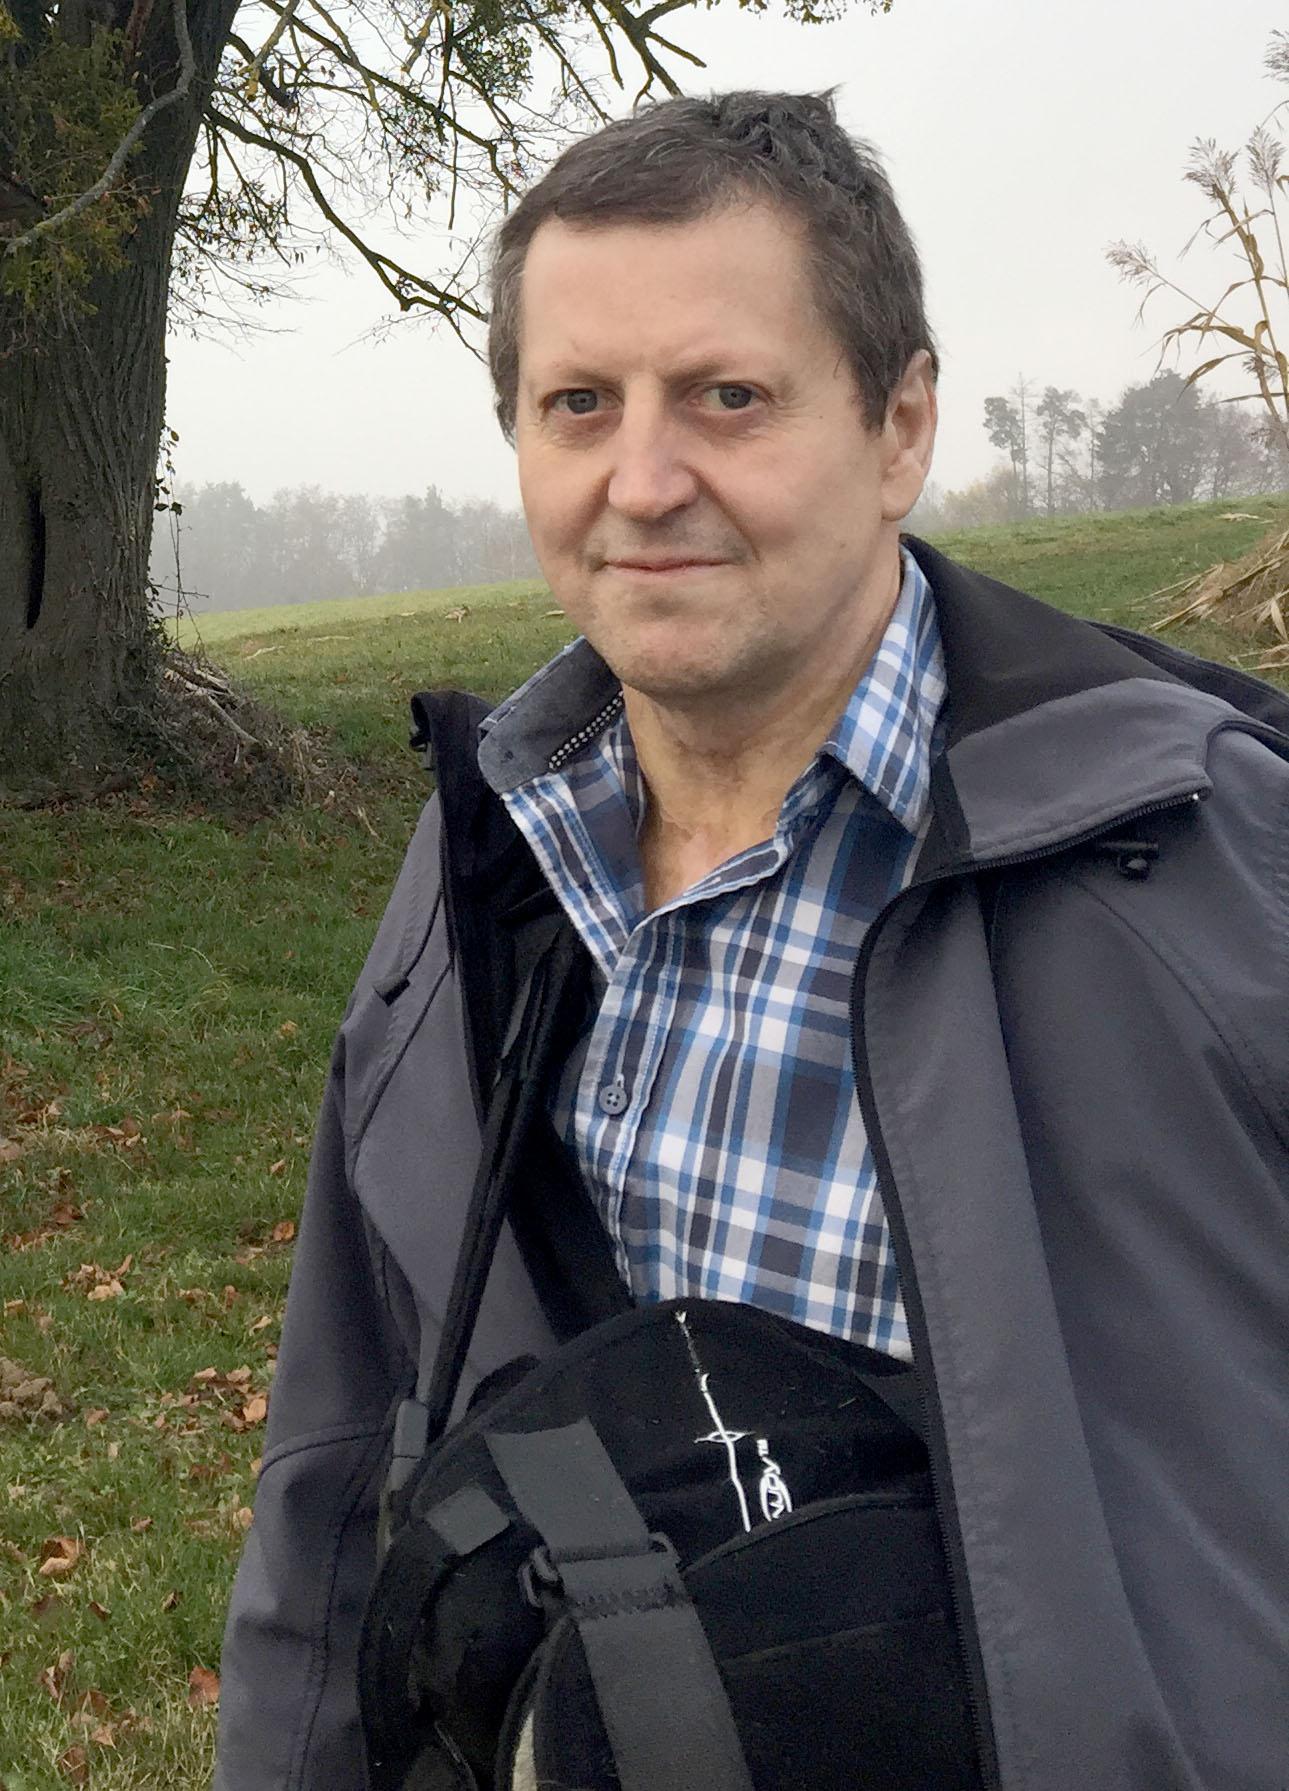 Reiche frau sucht mann aus althofen Sex dating in Bockenem